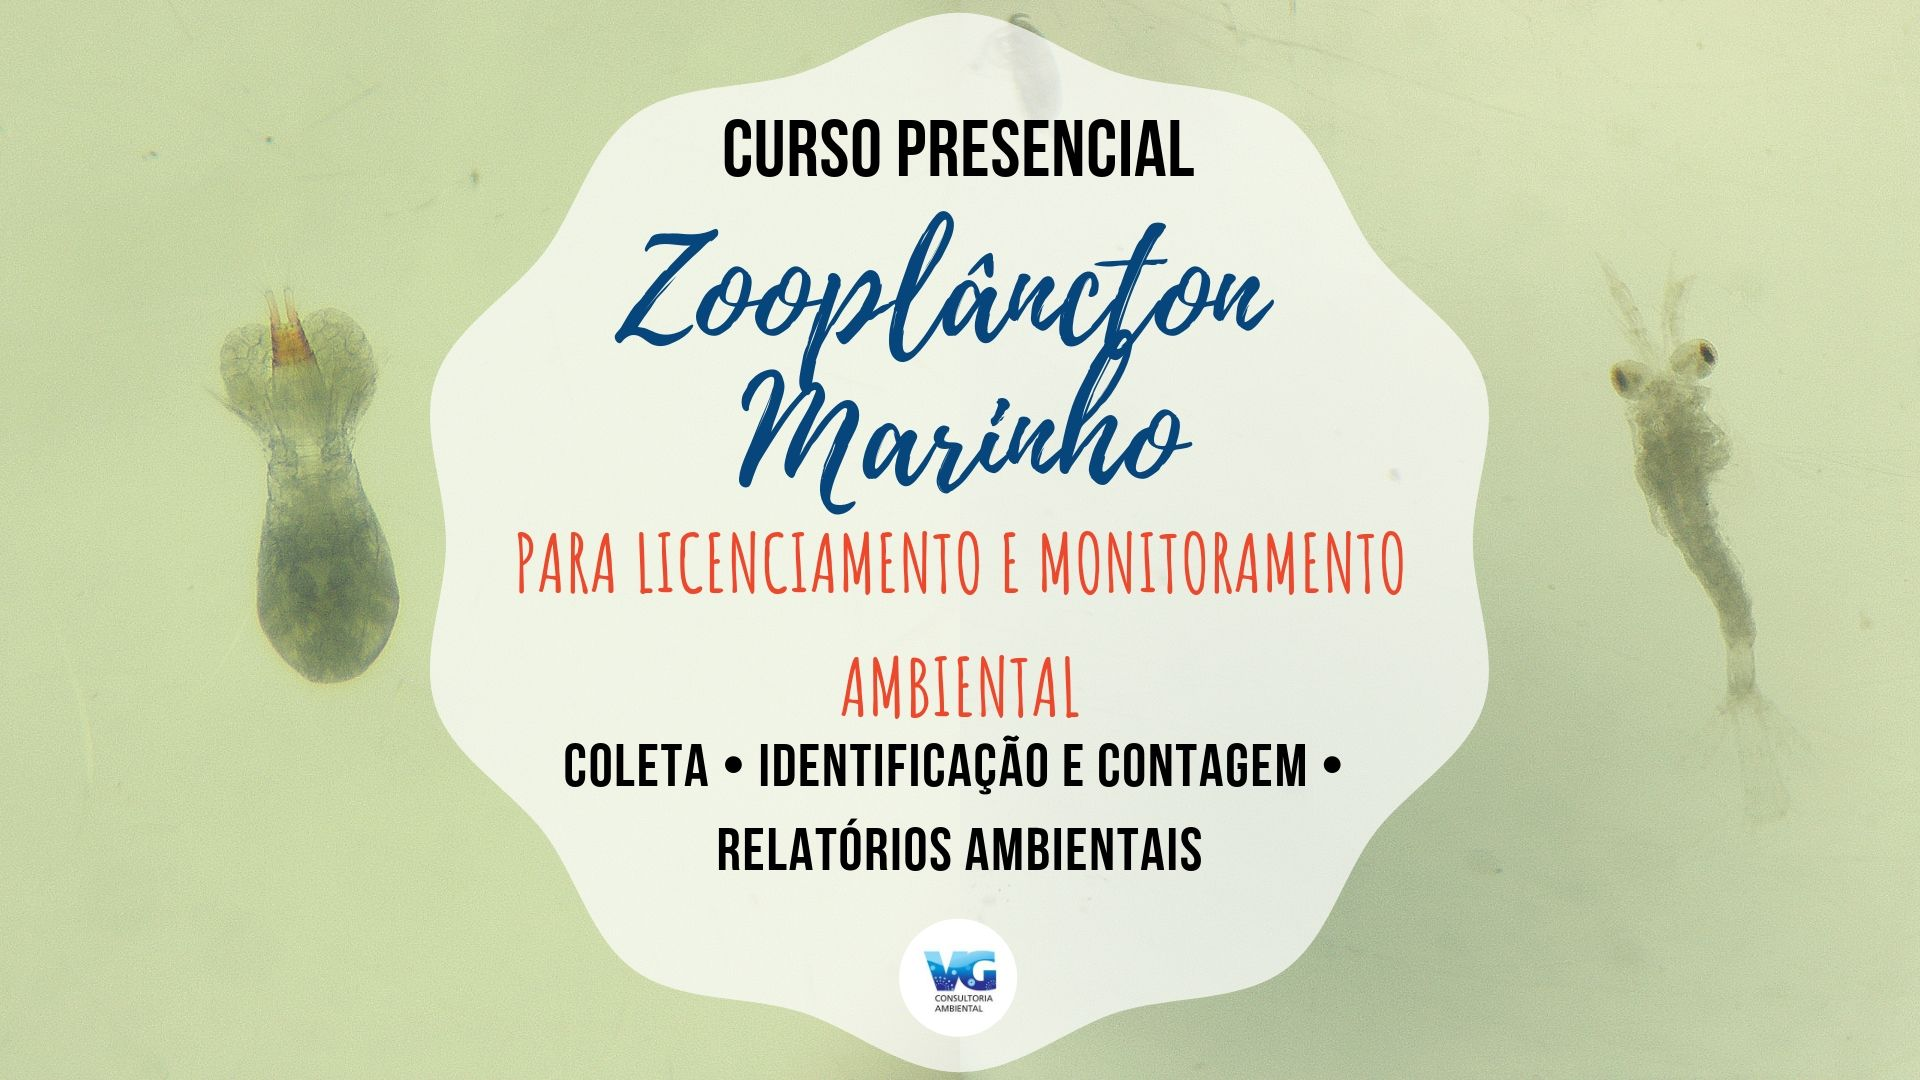 licenciamento-zoo-marinho-presencial